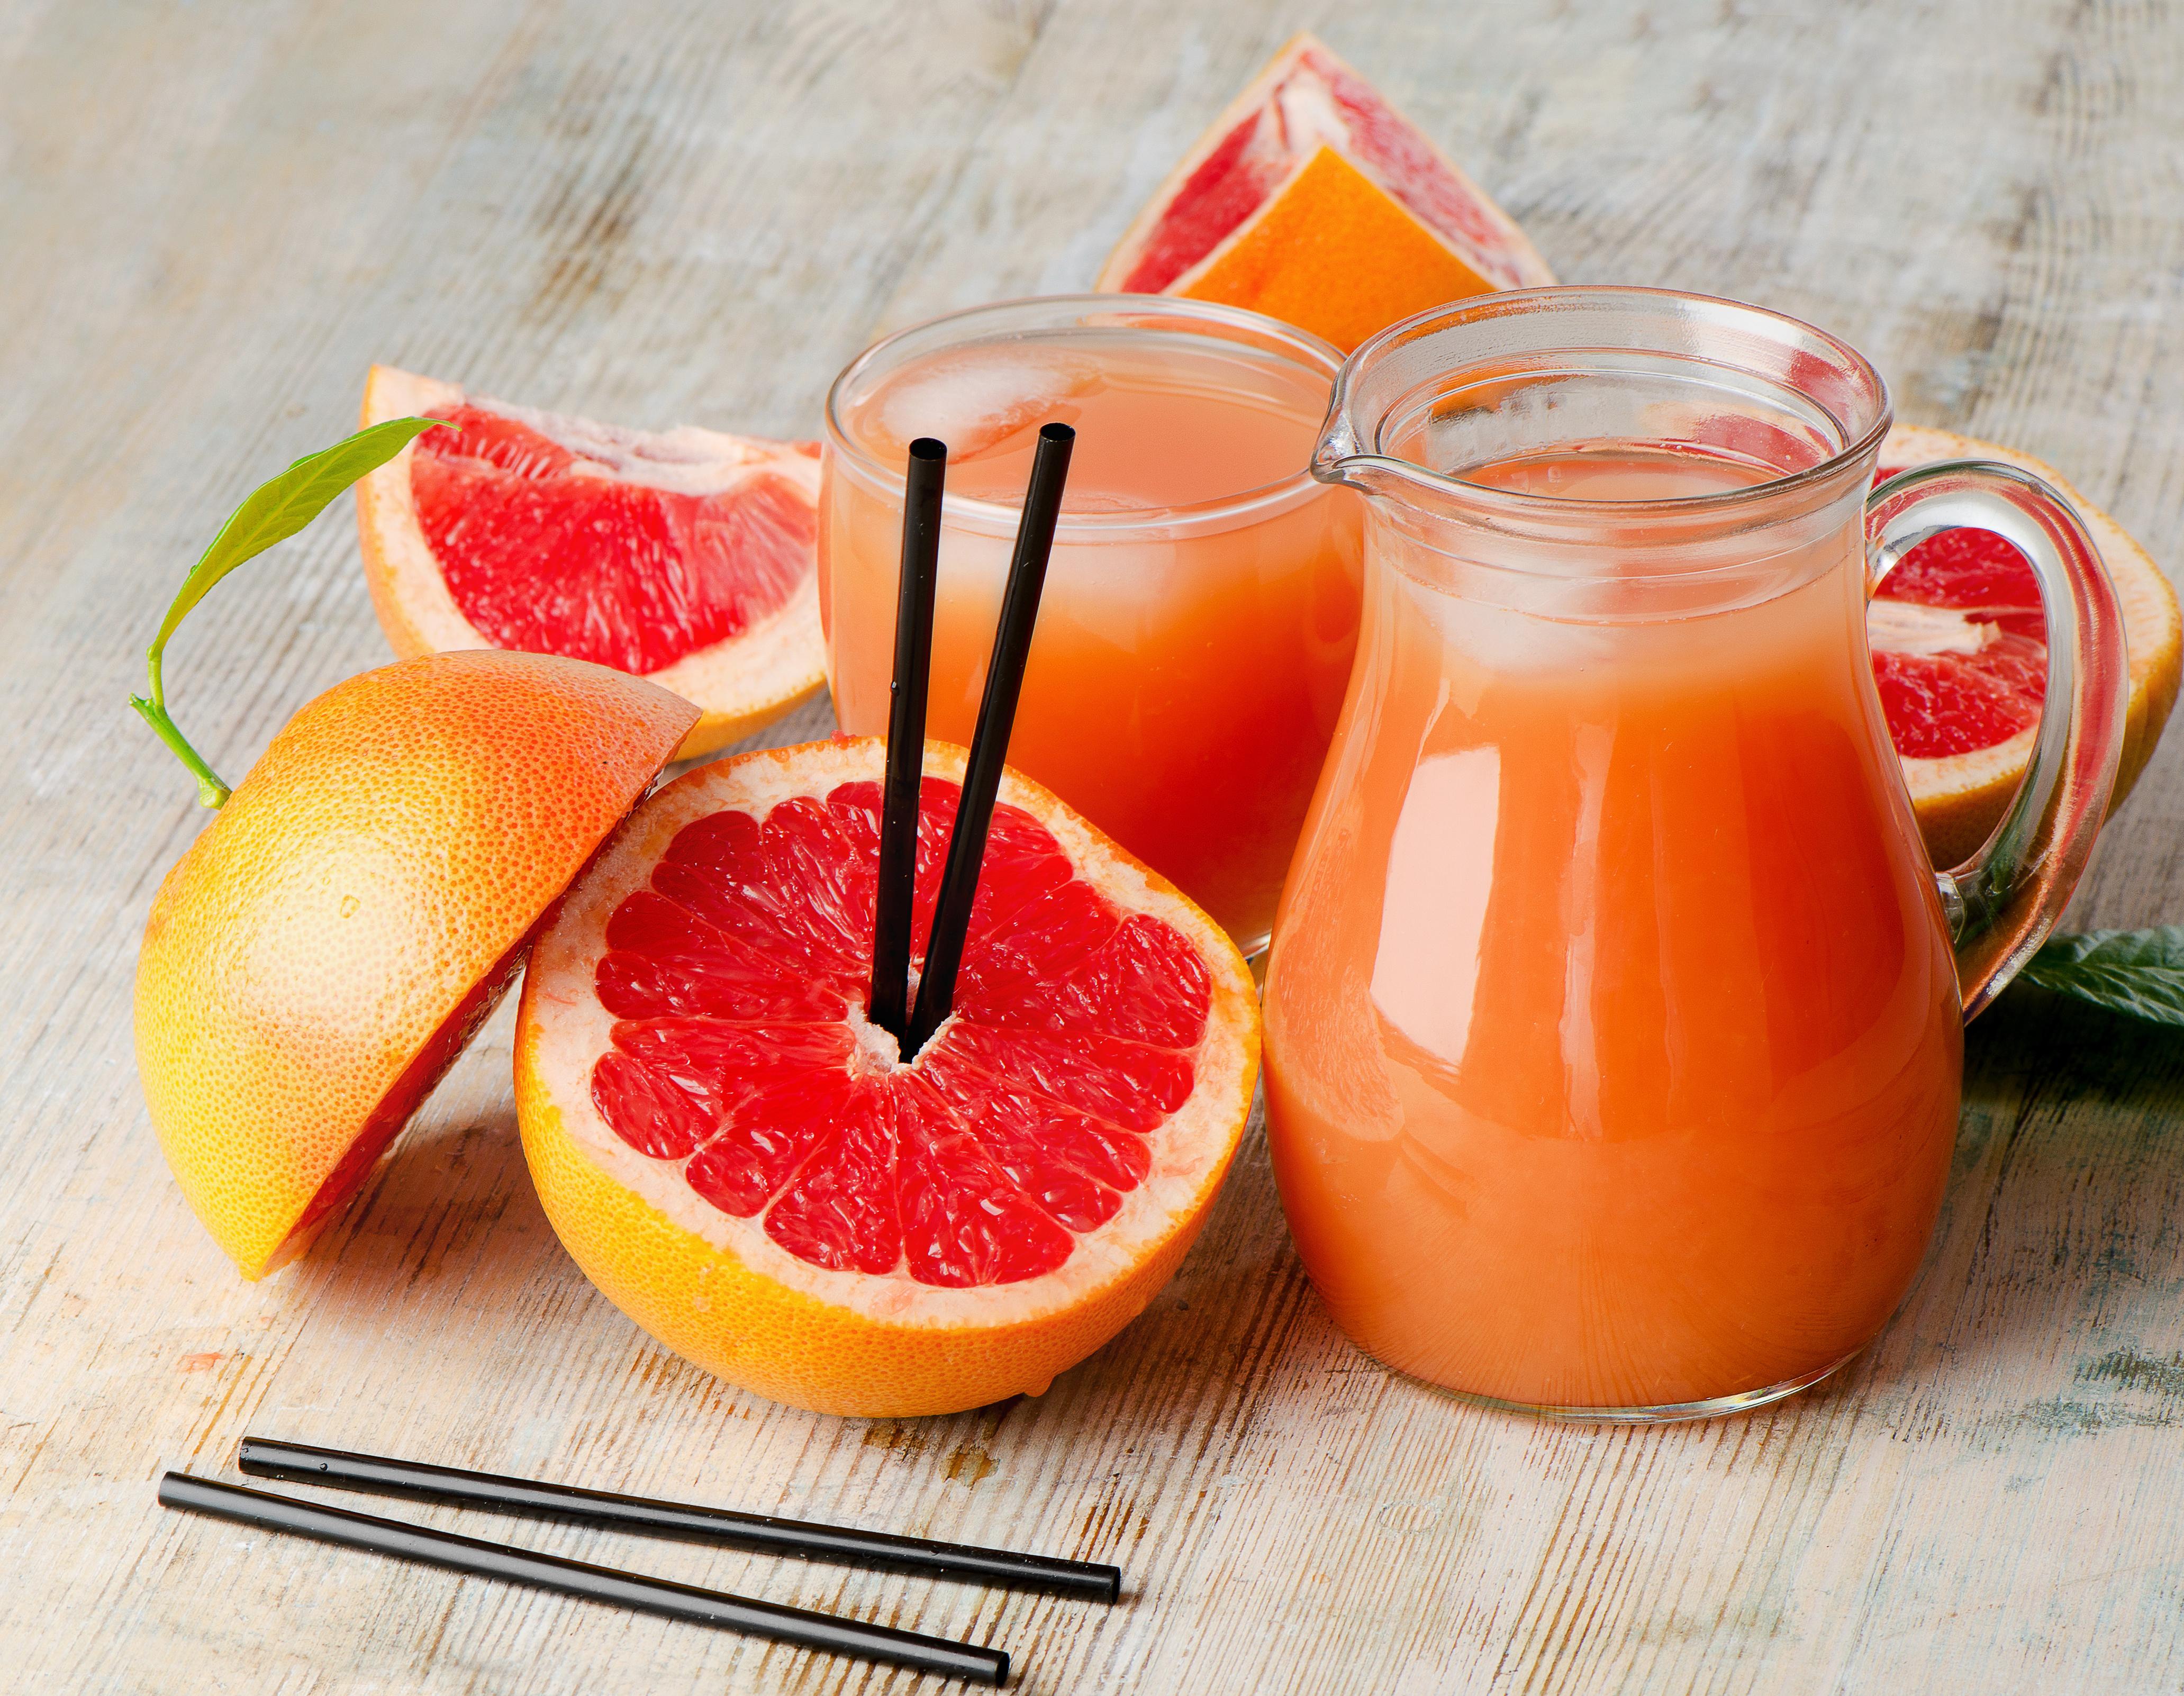 Грейпфрут: польза и вред, полезные свойства и противопоказания